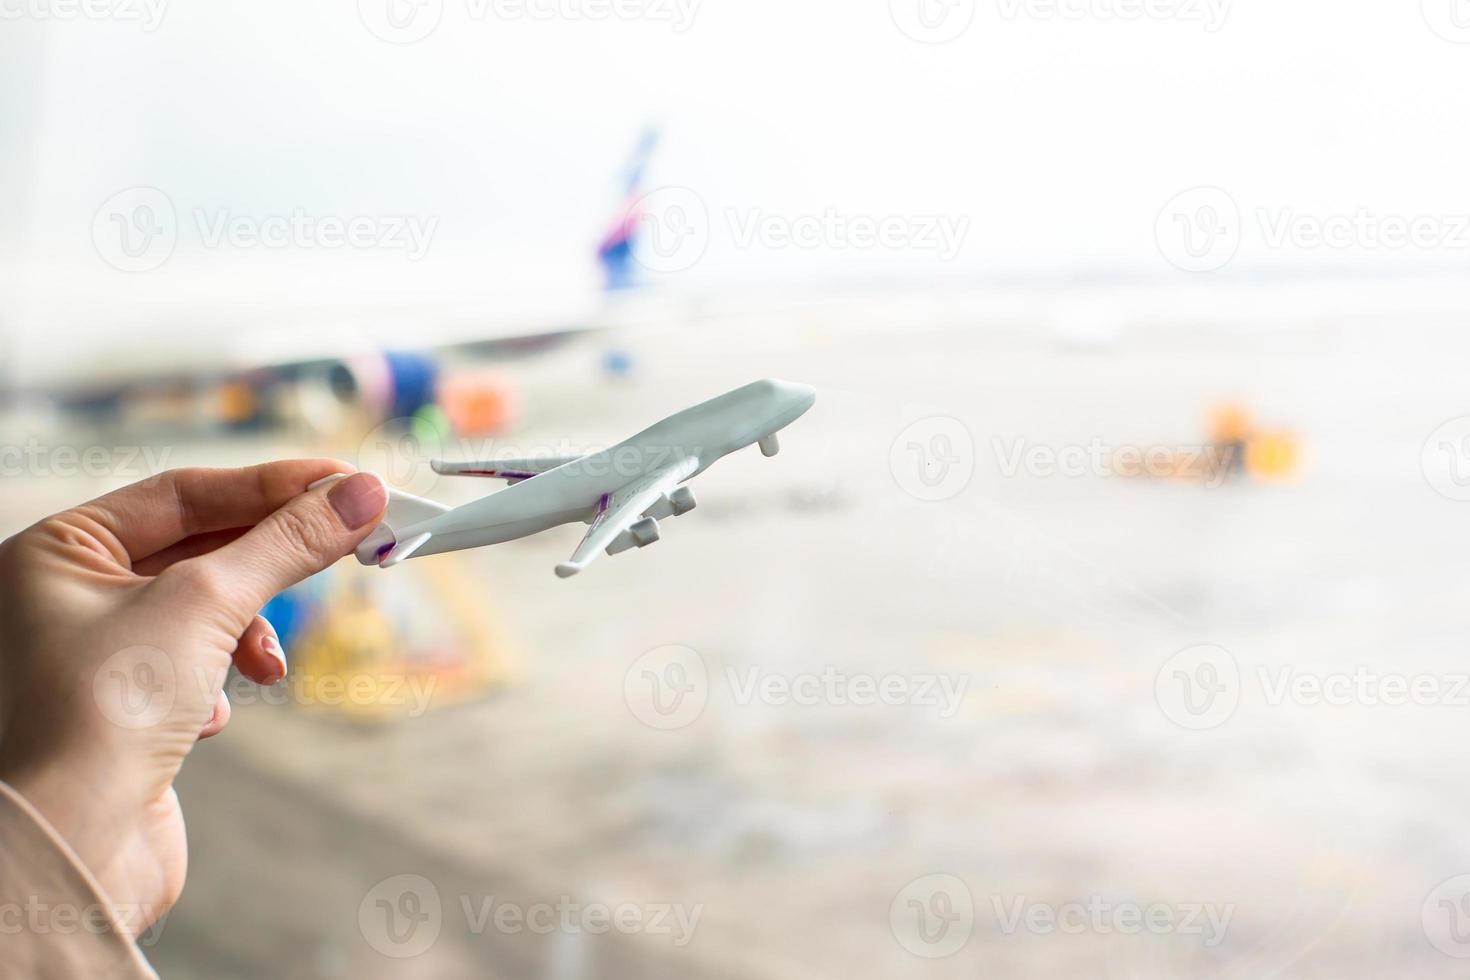 närbild som håller en flygplanmodell på flygplatsen foto